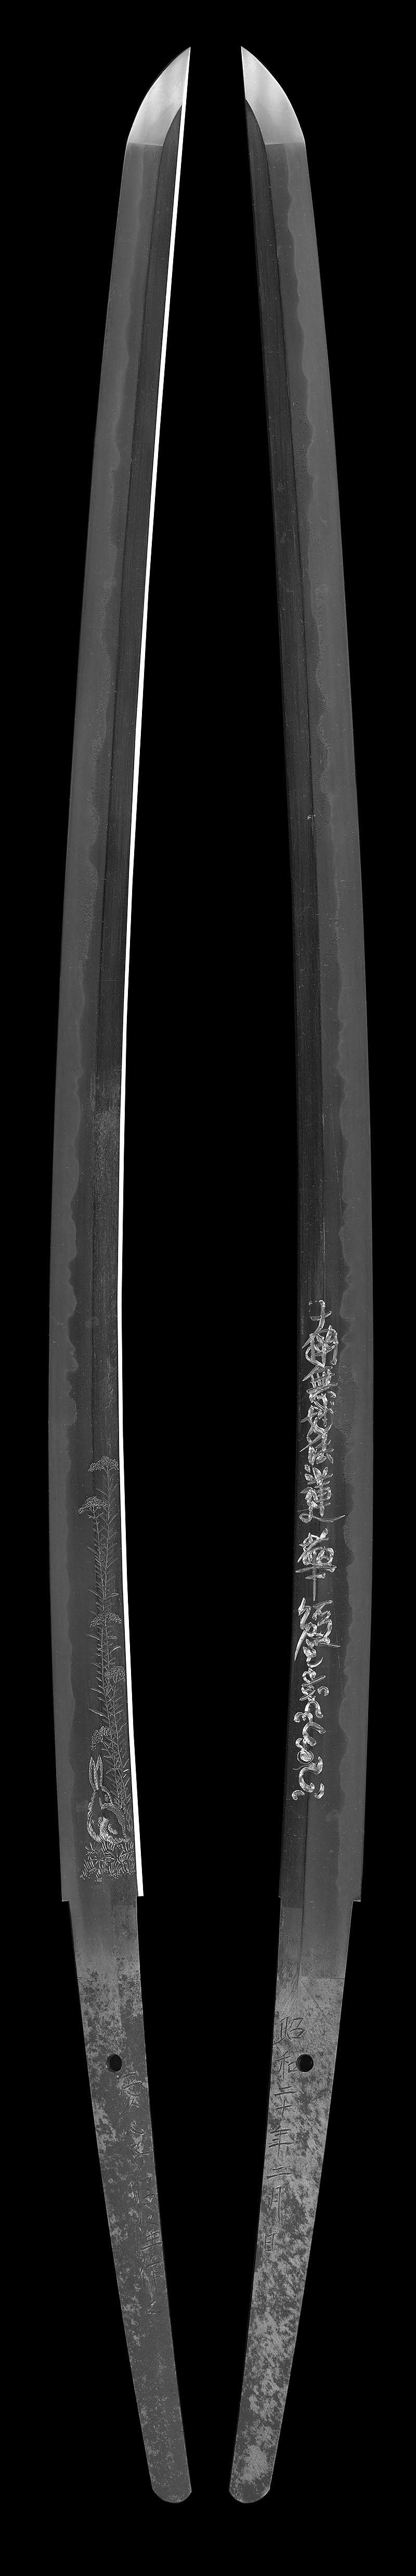 現代刀 刀 愛心子昭隆作之 昭和二十年二月日全体画像